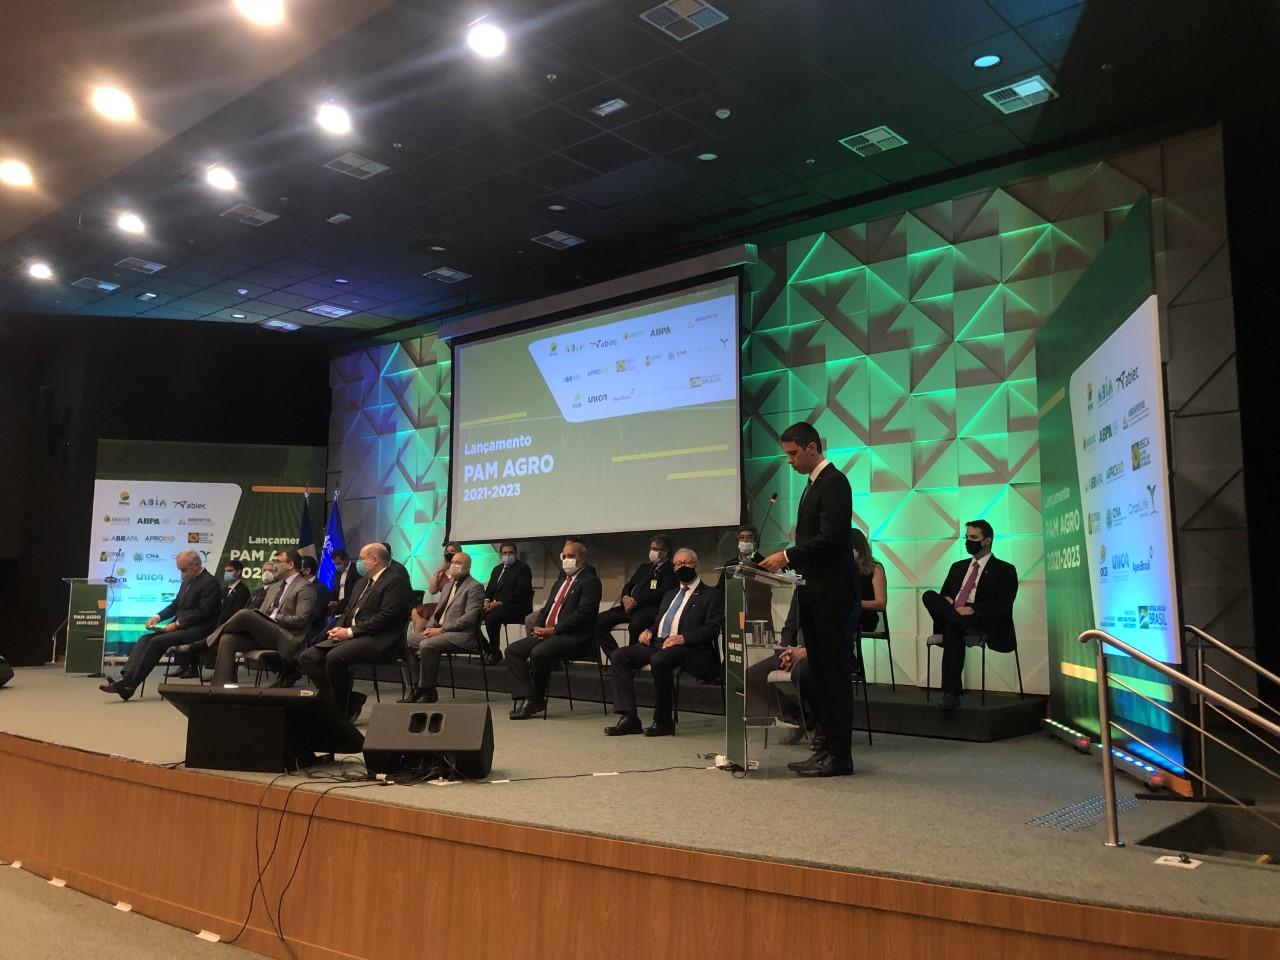 UNICA participa de lançamento de nova fase do PAM AGRO